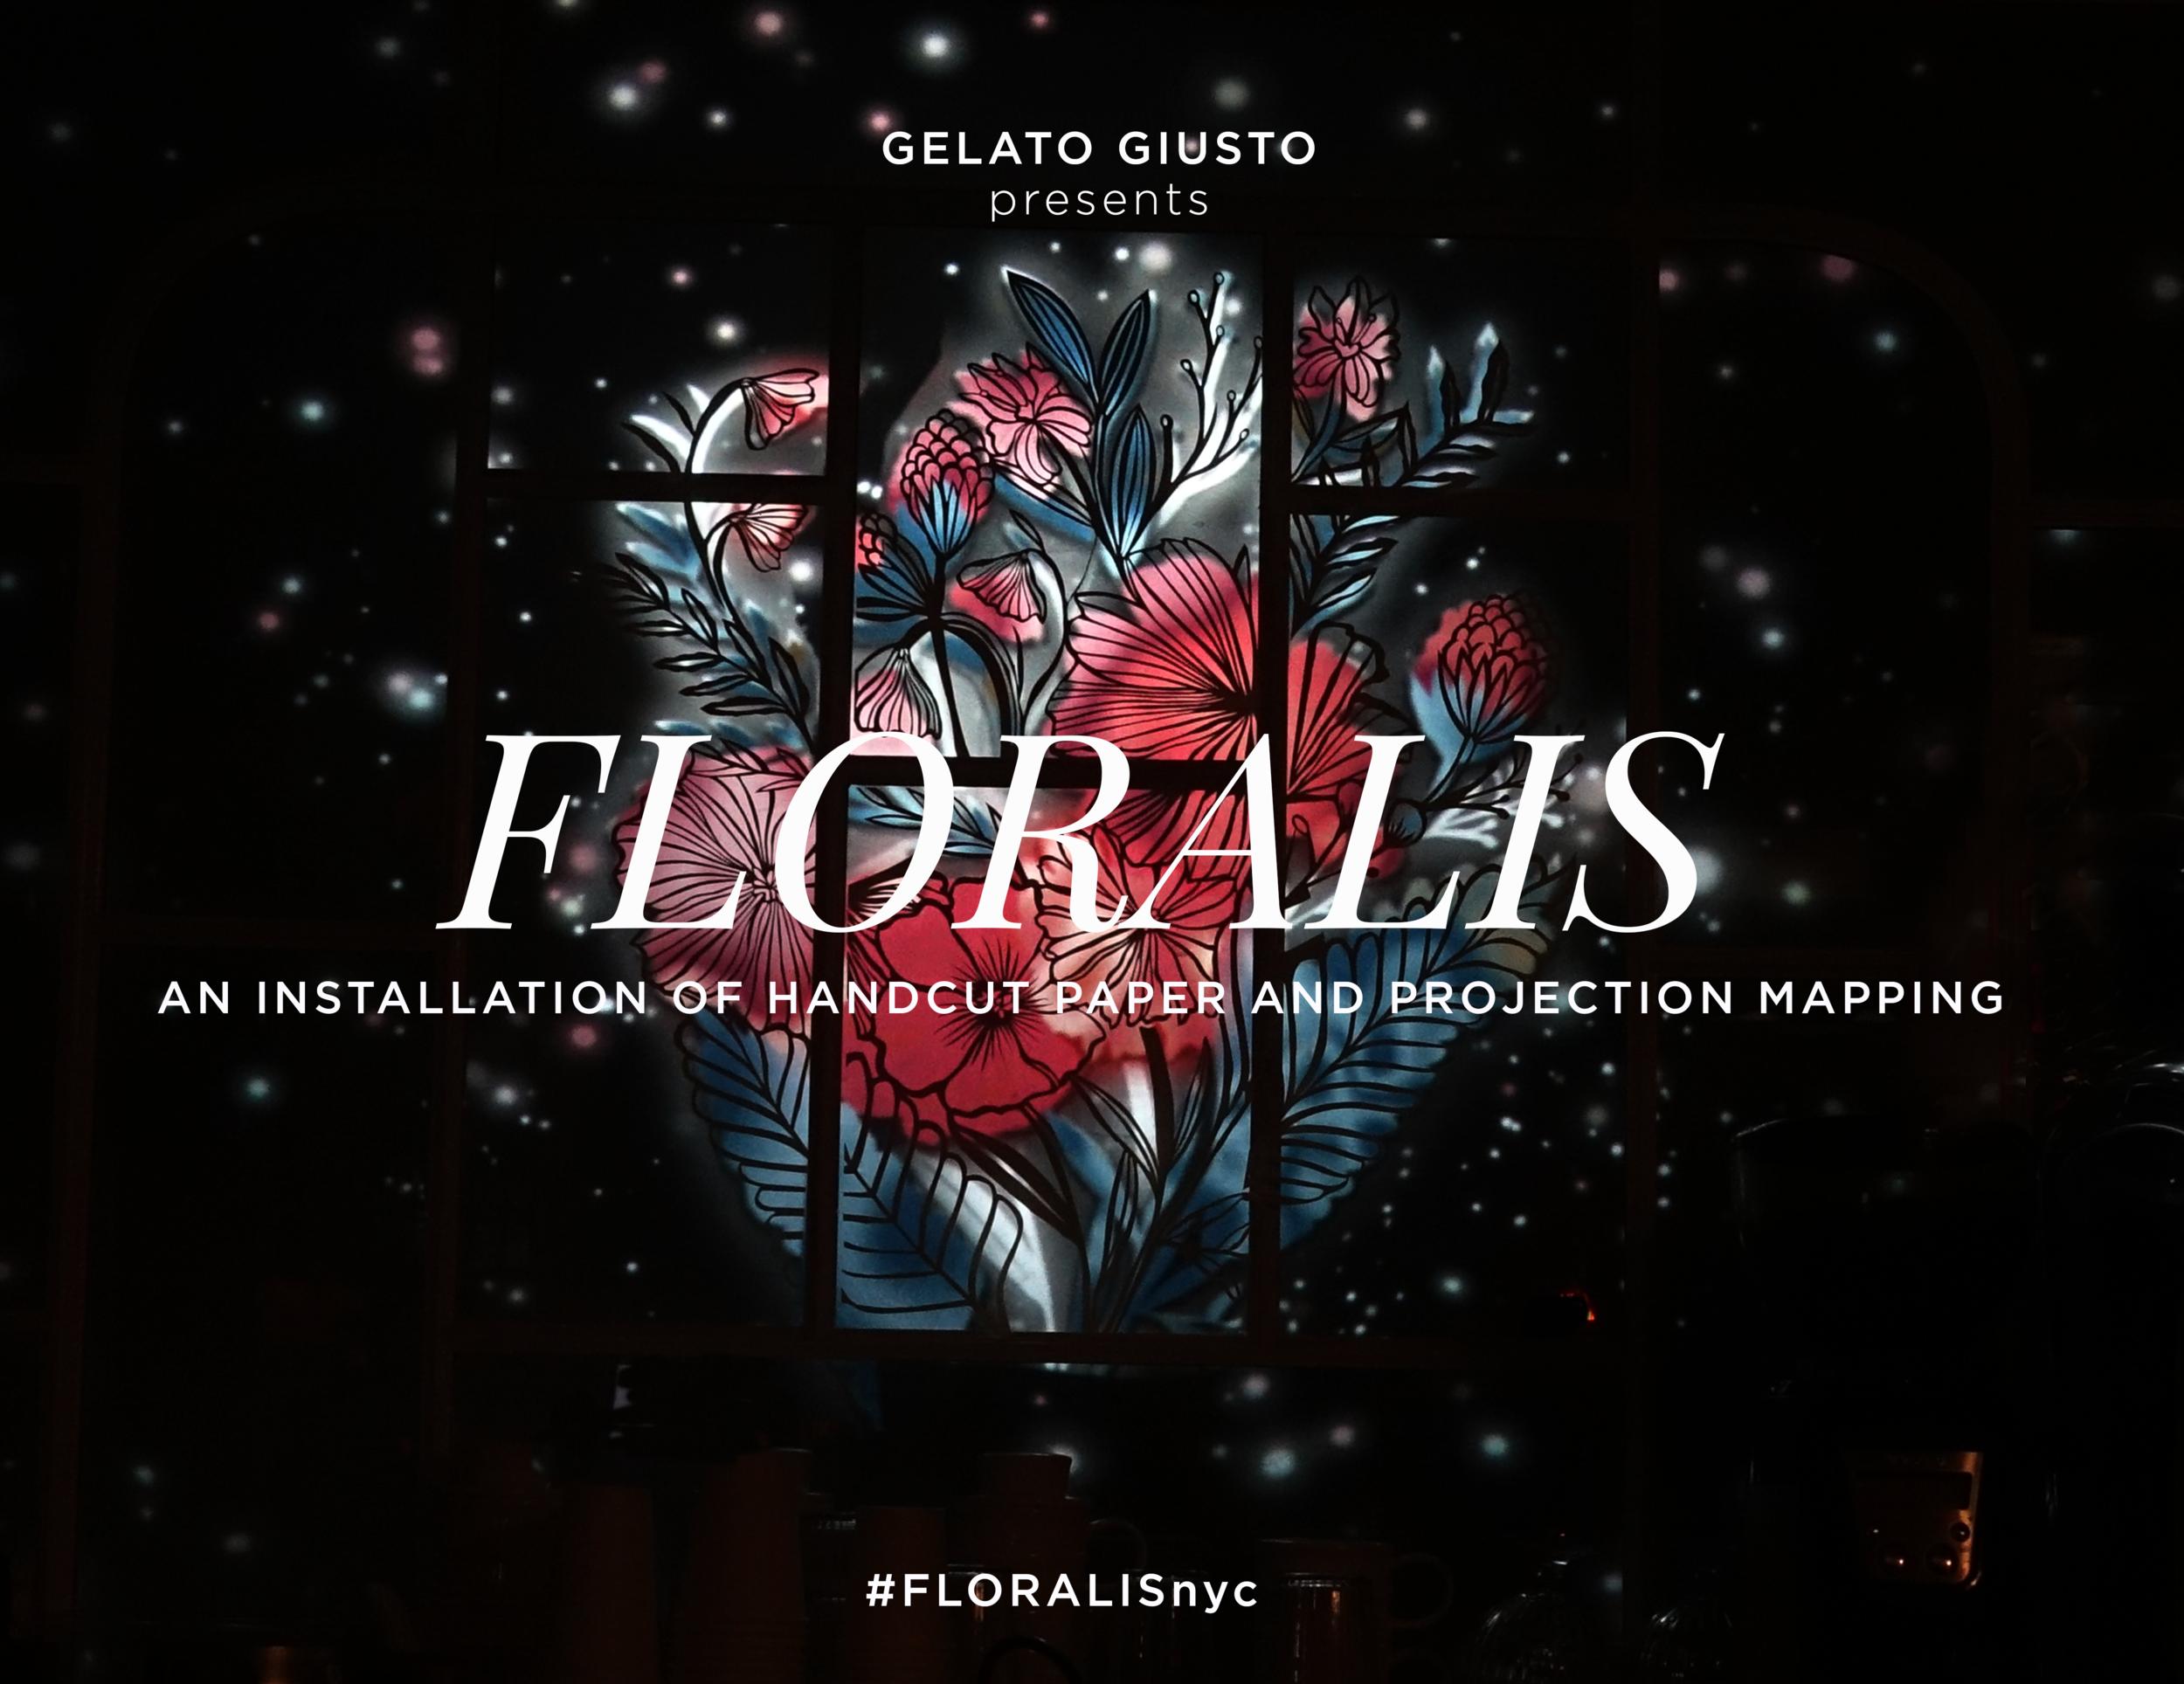 FLORALIS_nodate.png